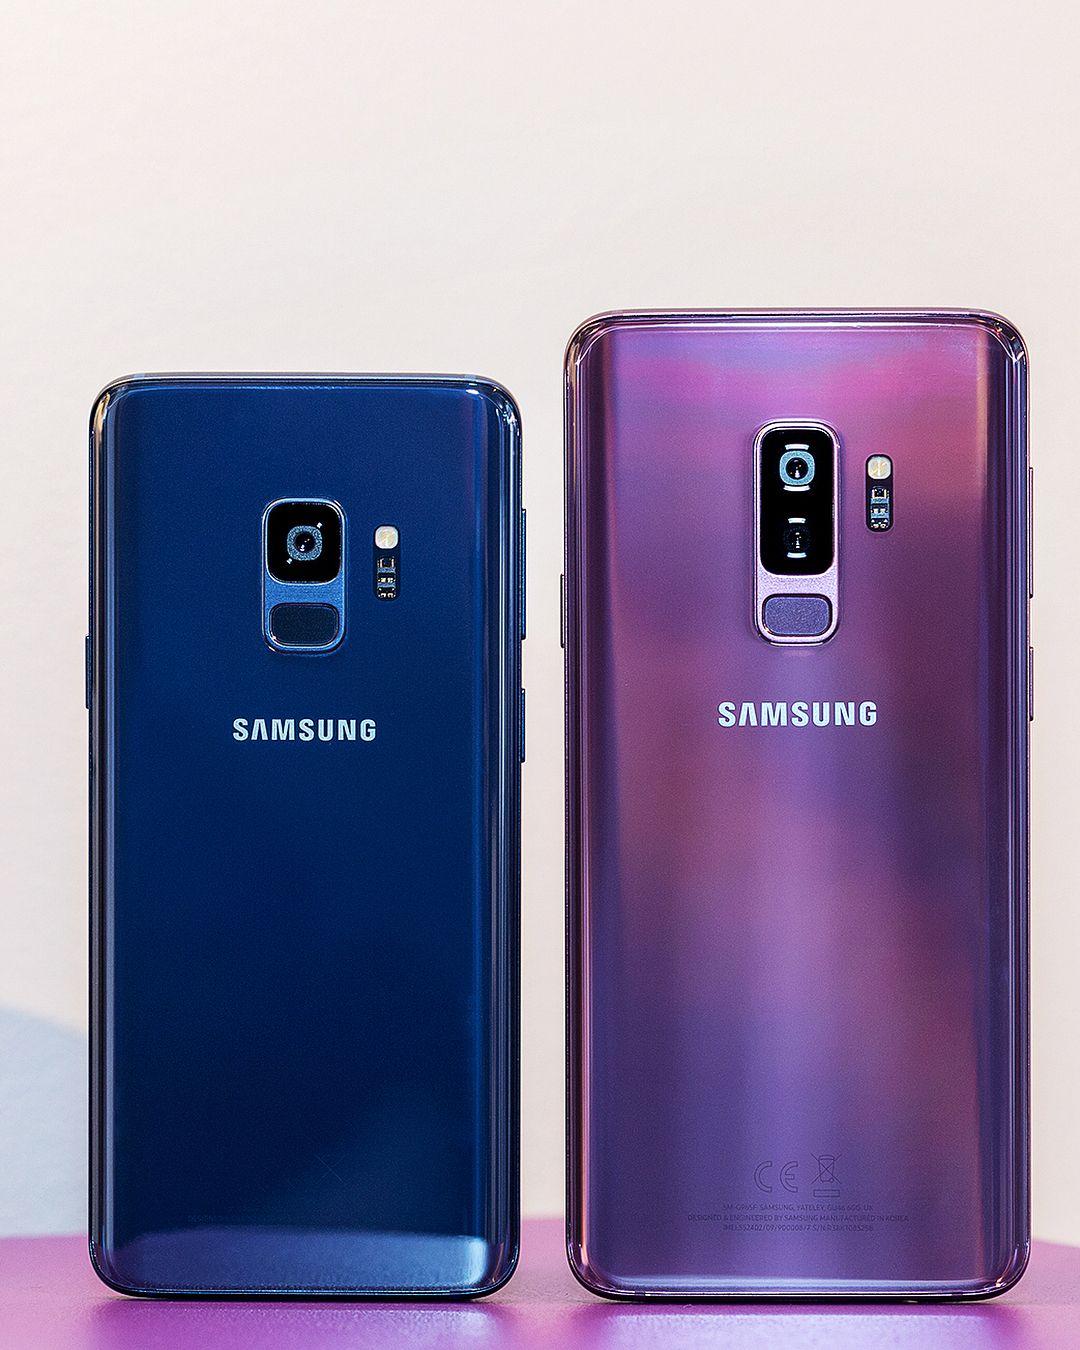 Samsung Galaxy S9 S9 Plus Celulares Aparelhos Eletronicos Compras